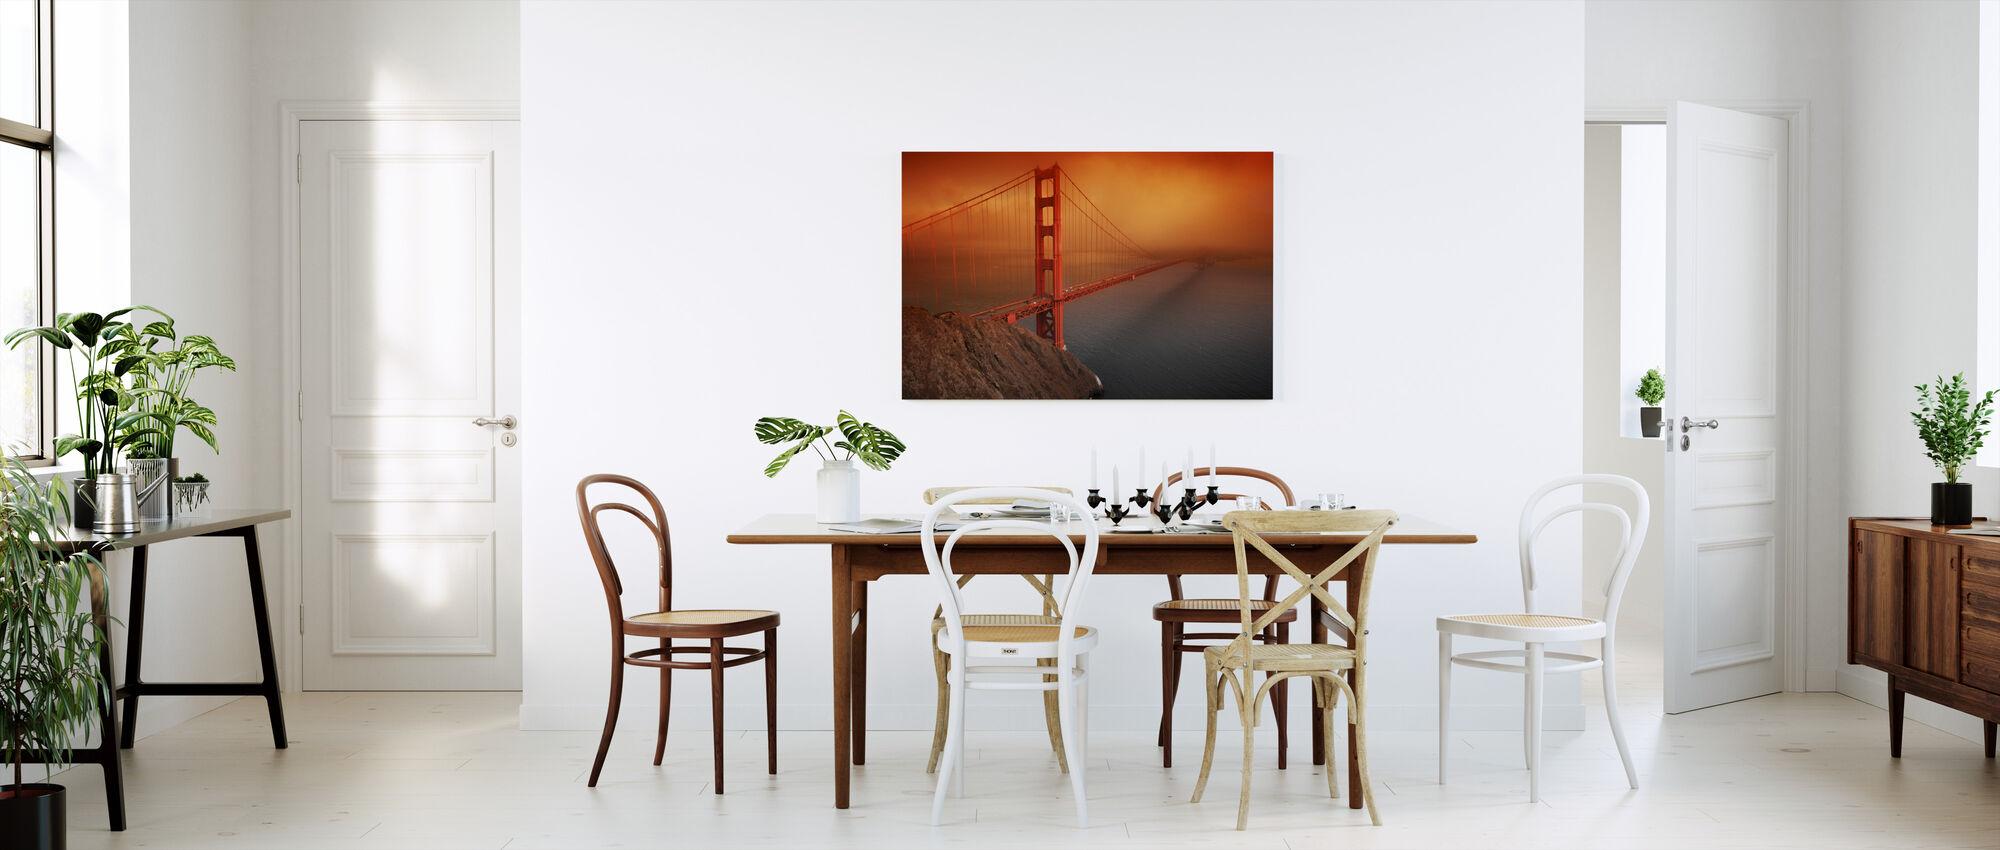 Golden Gate - Billede på lærred - Køkken